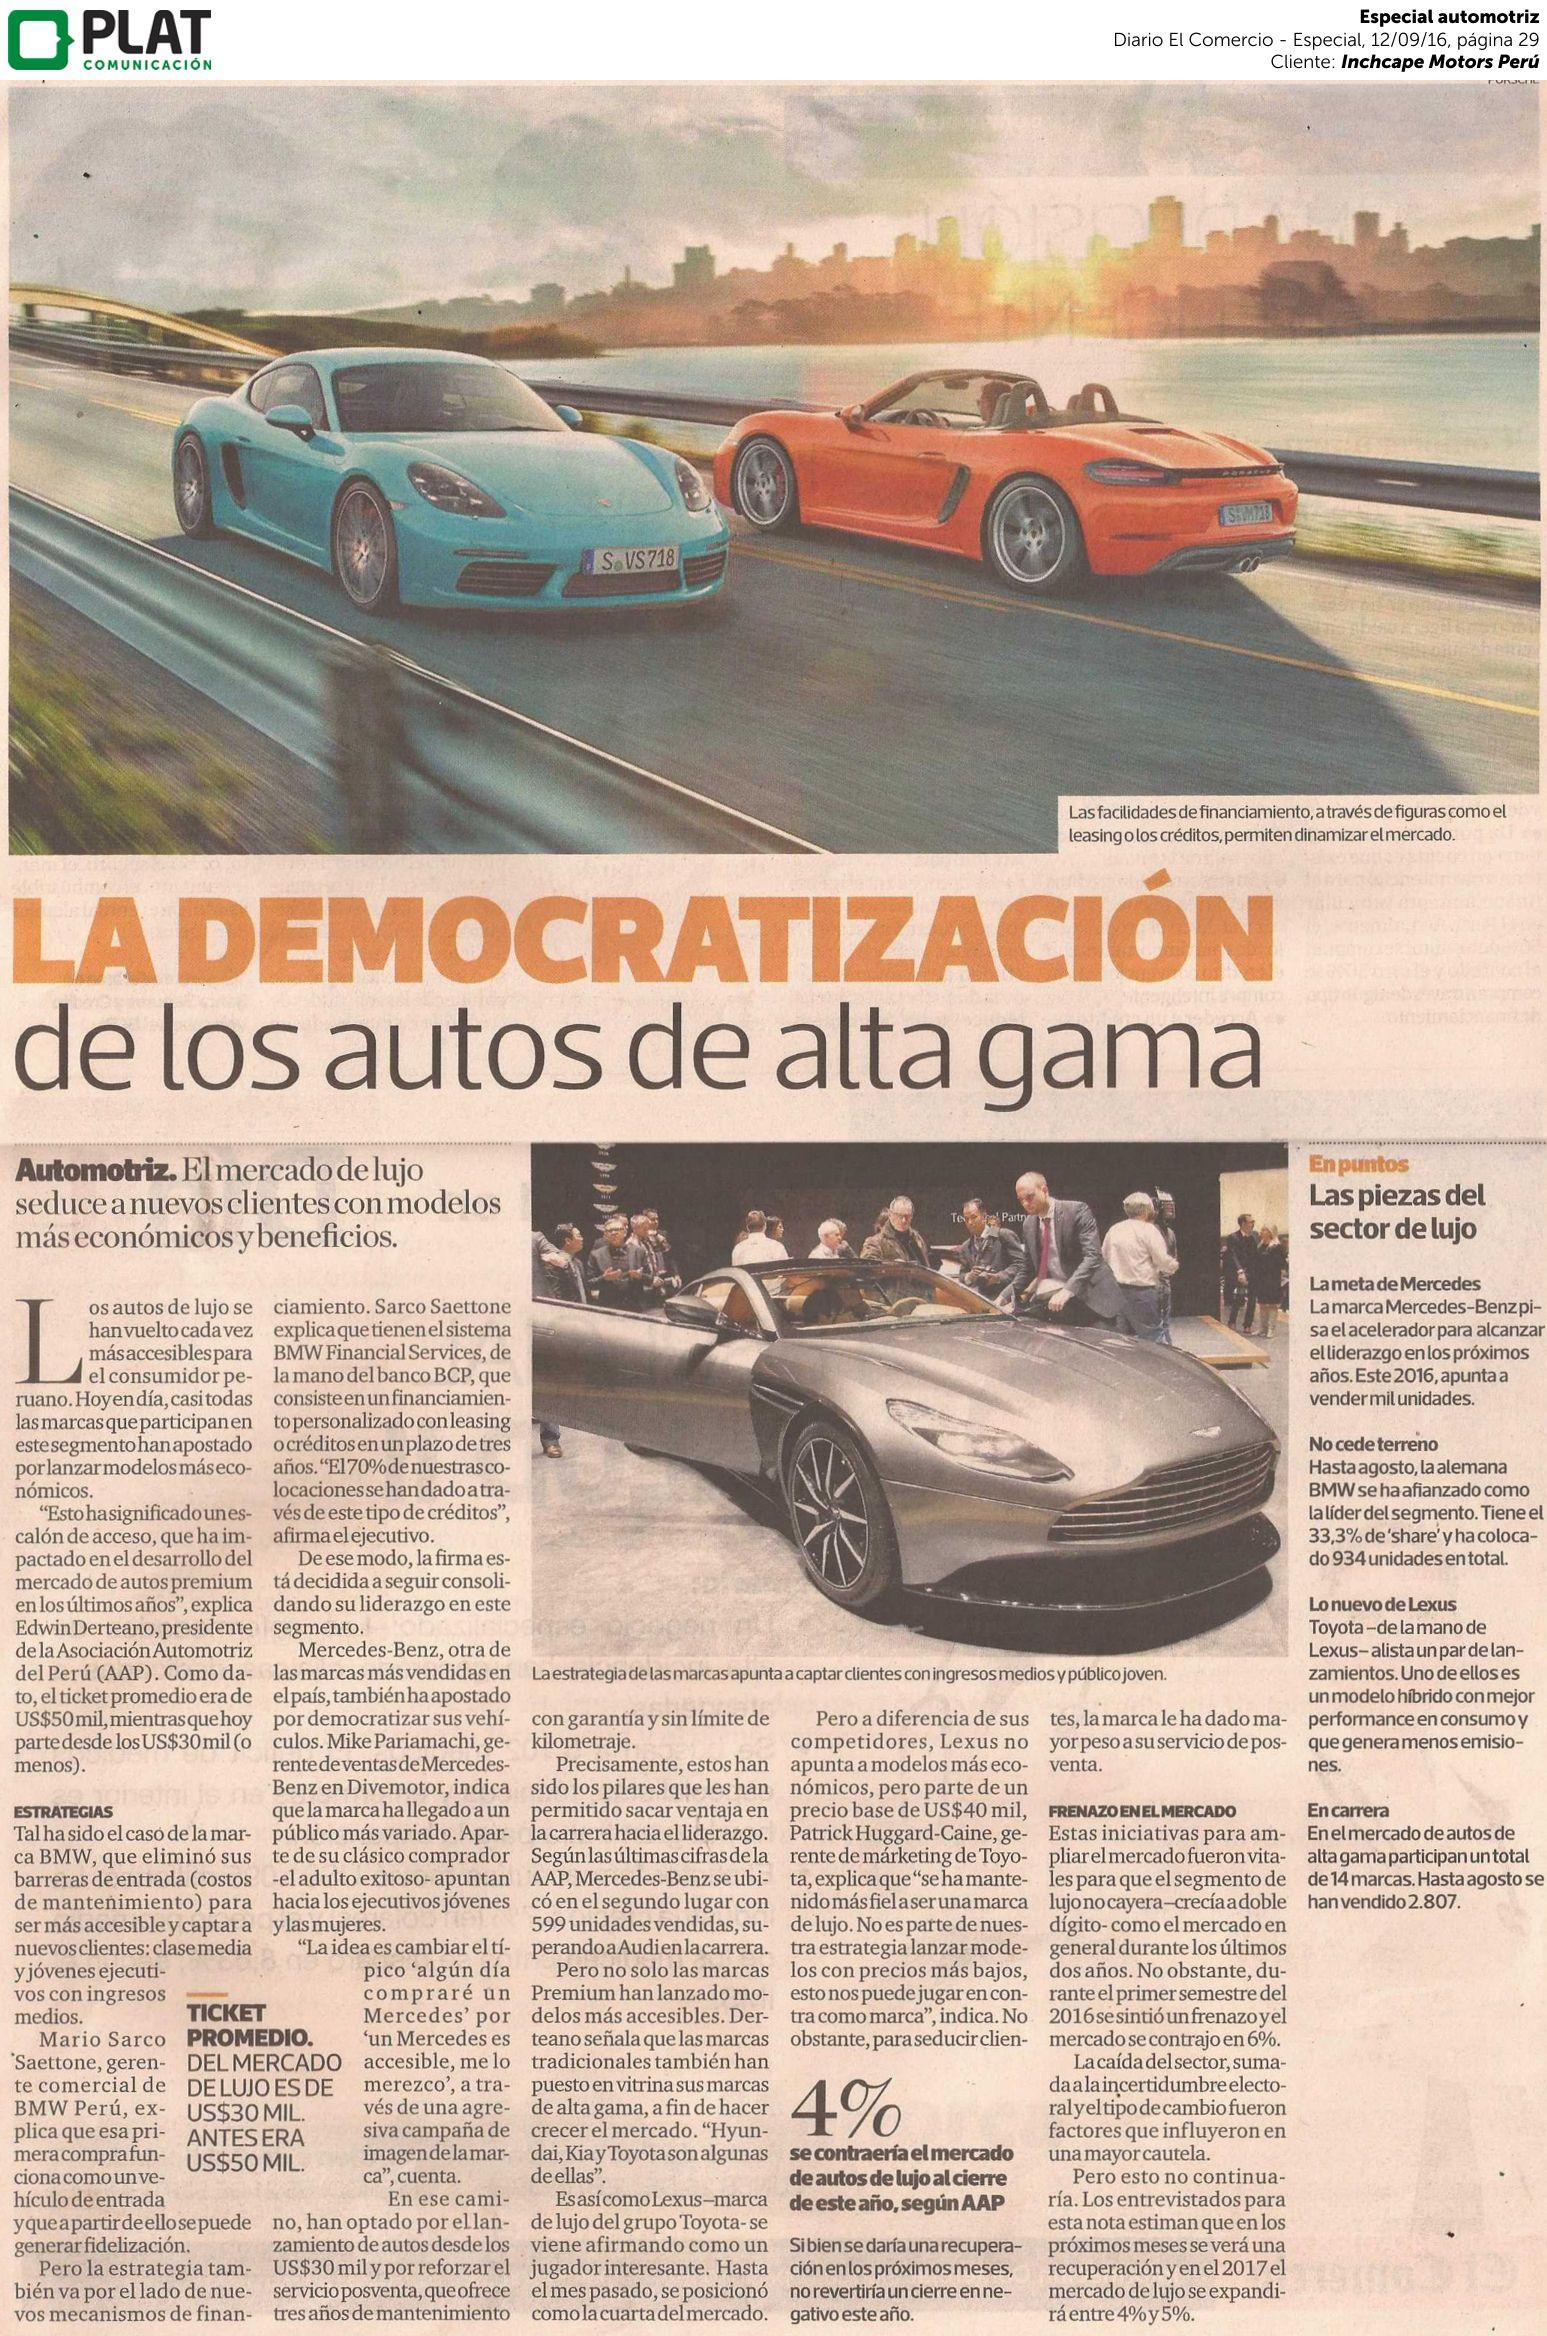 Inchcape Motors: BMW en especial automotriz en el suplemento Día1 del diario El Comercio de Perú (12/09/16)